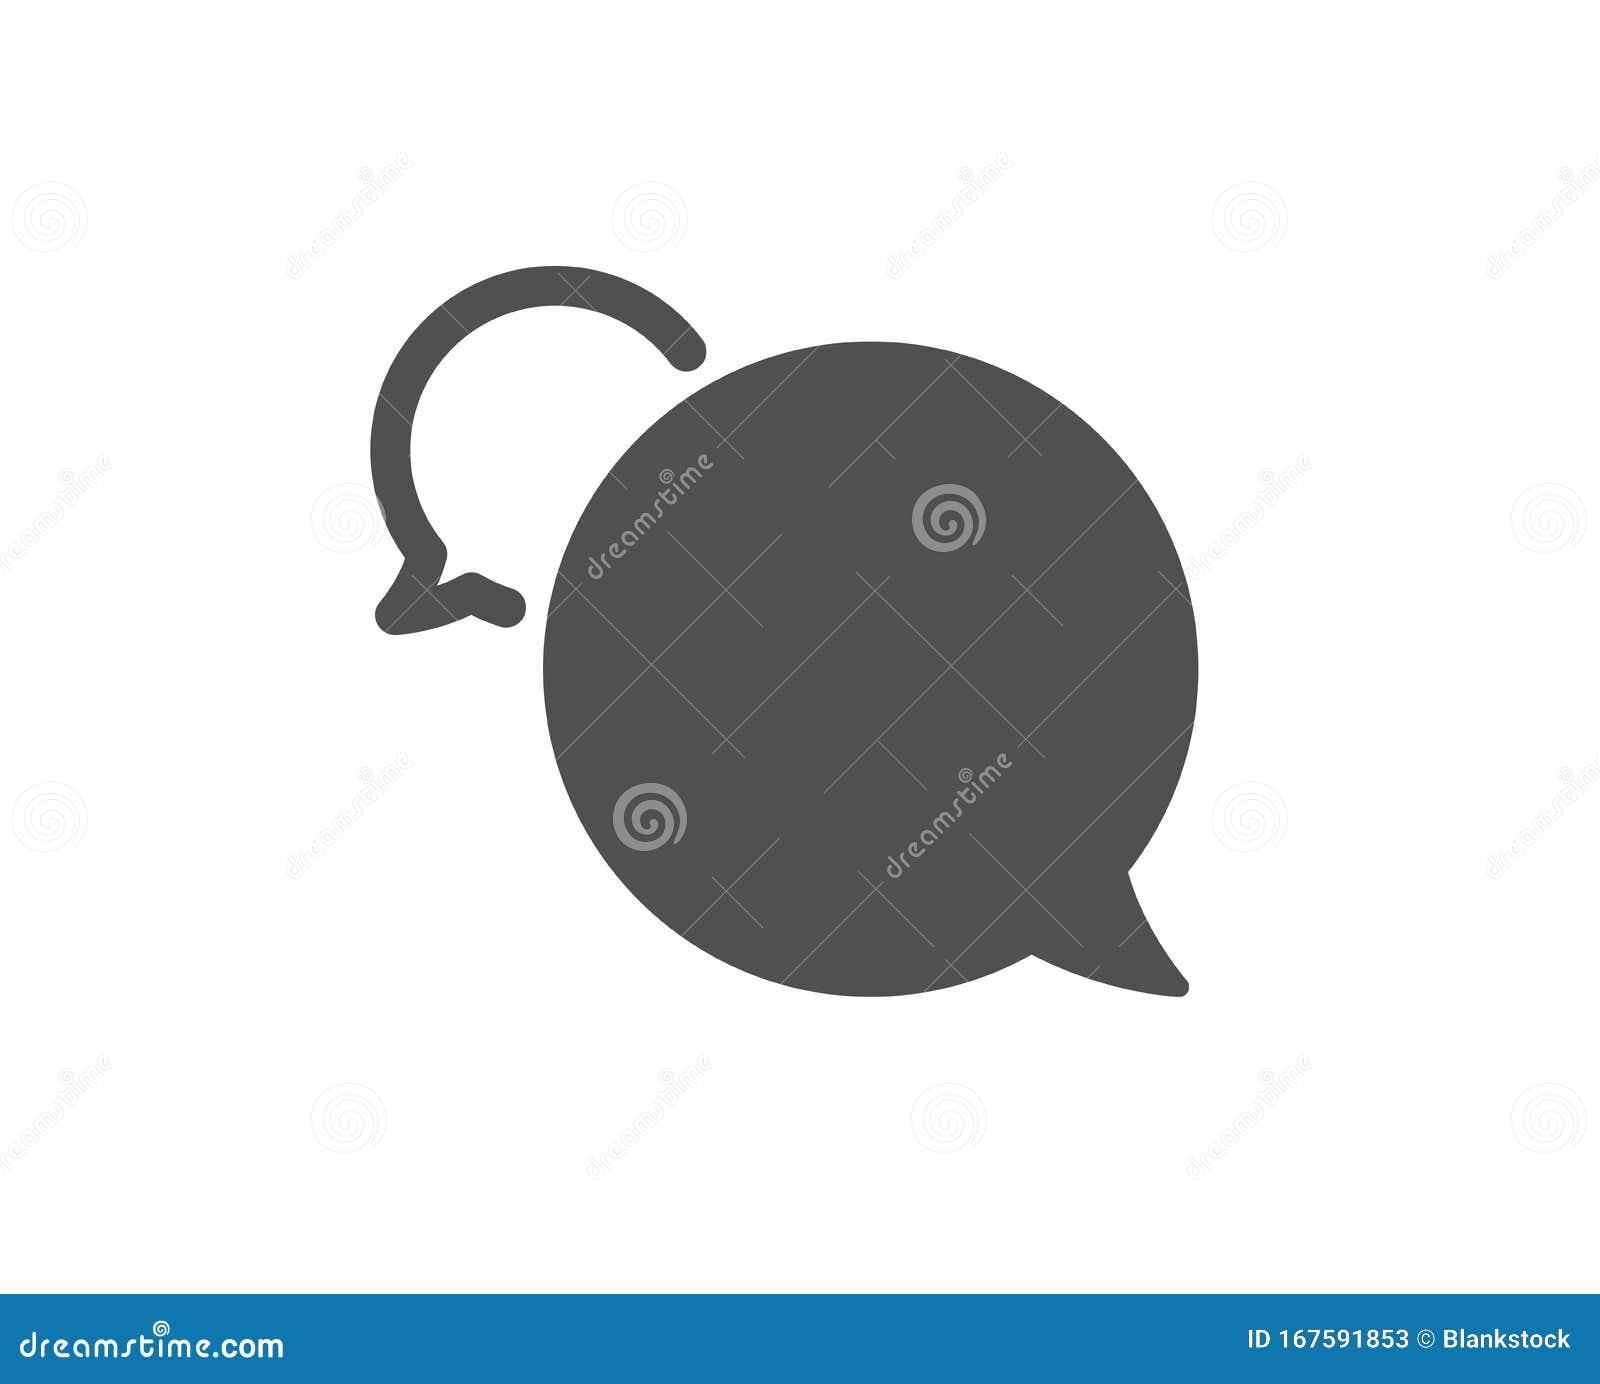 Chat zeichen bilder für Das Unendlich